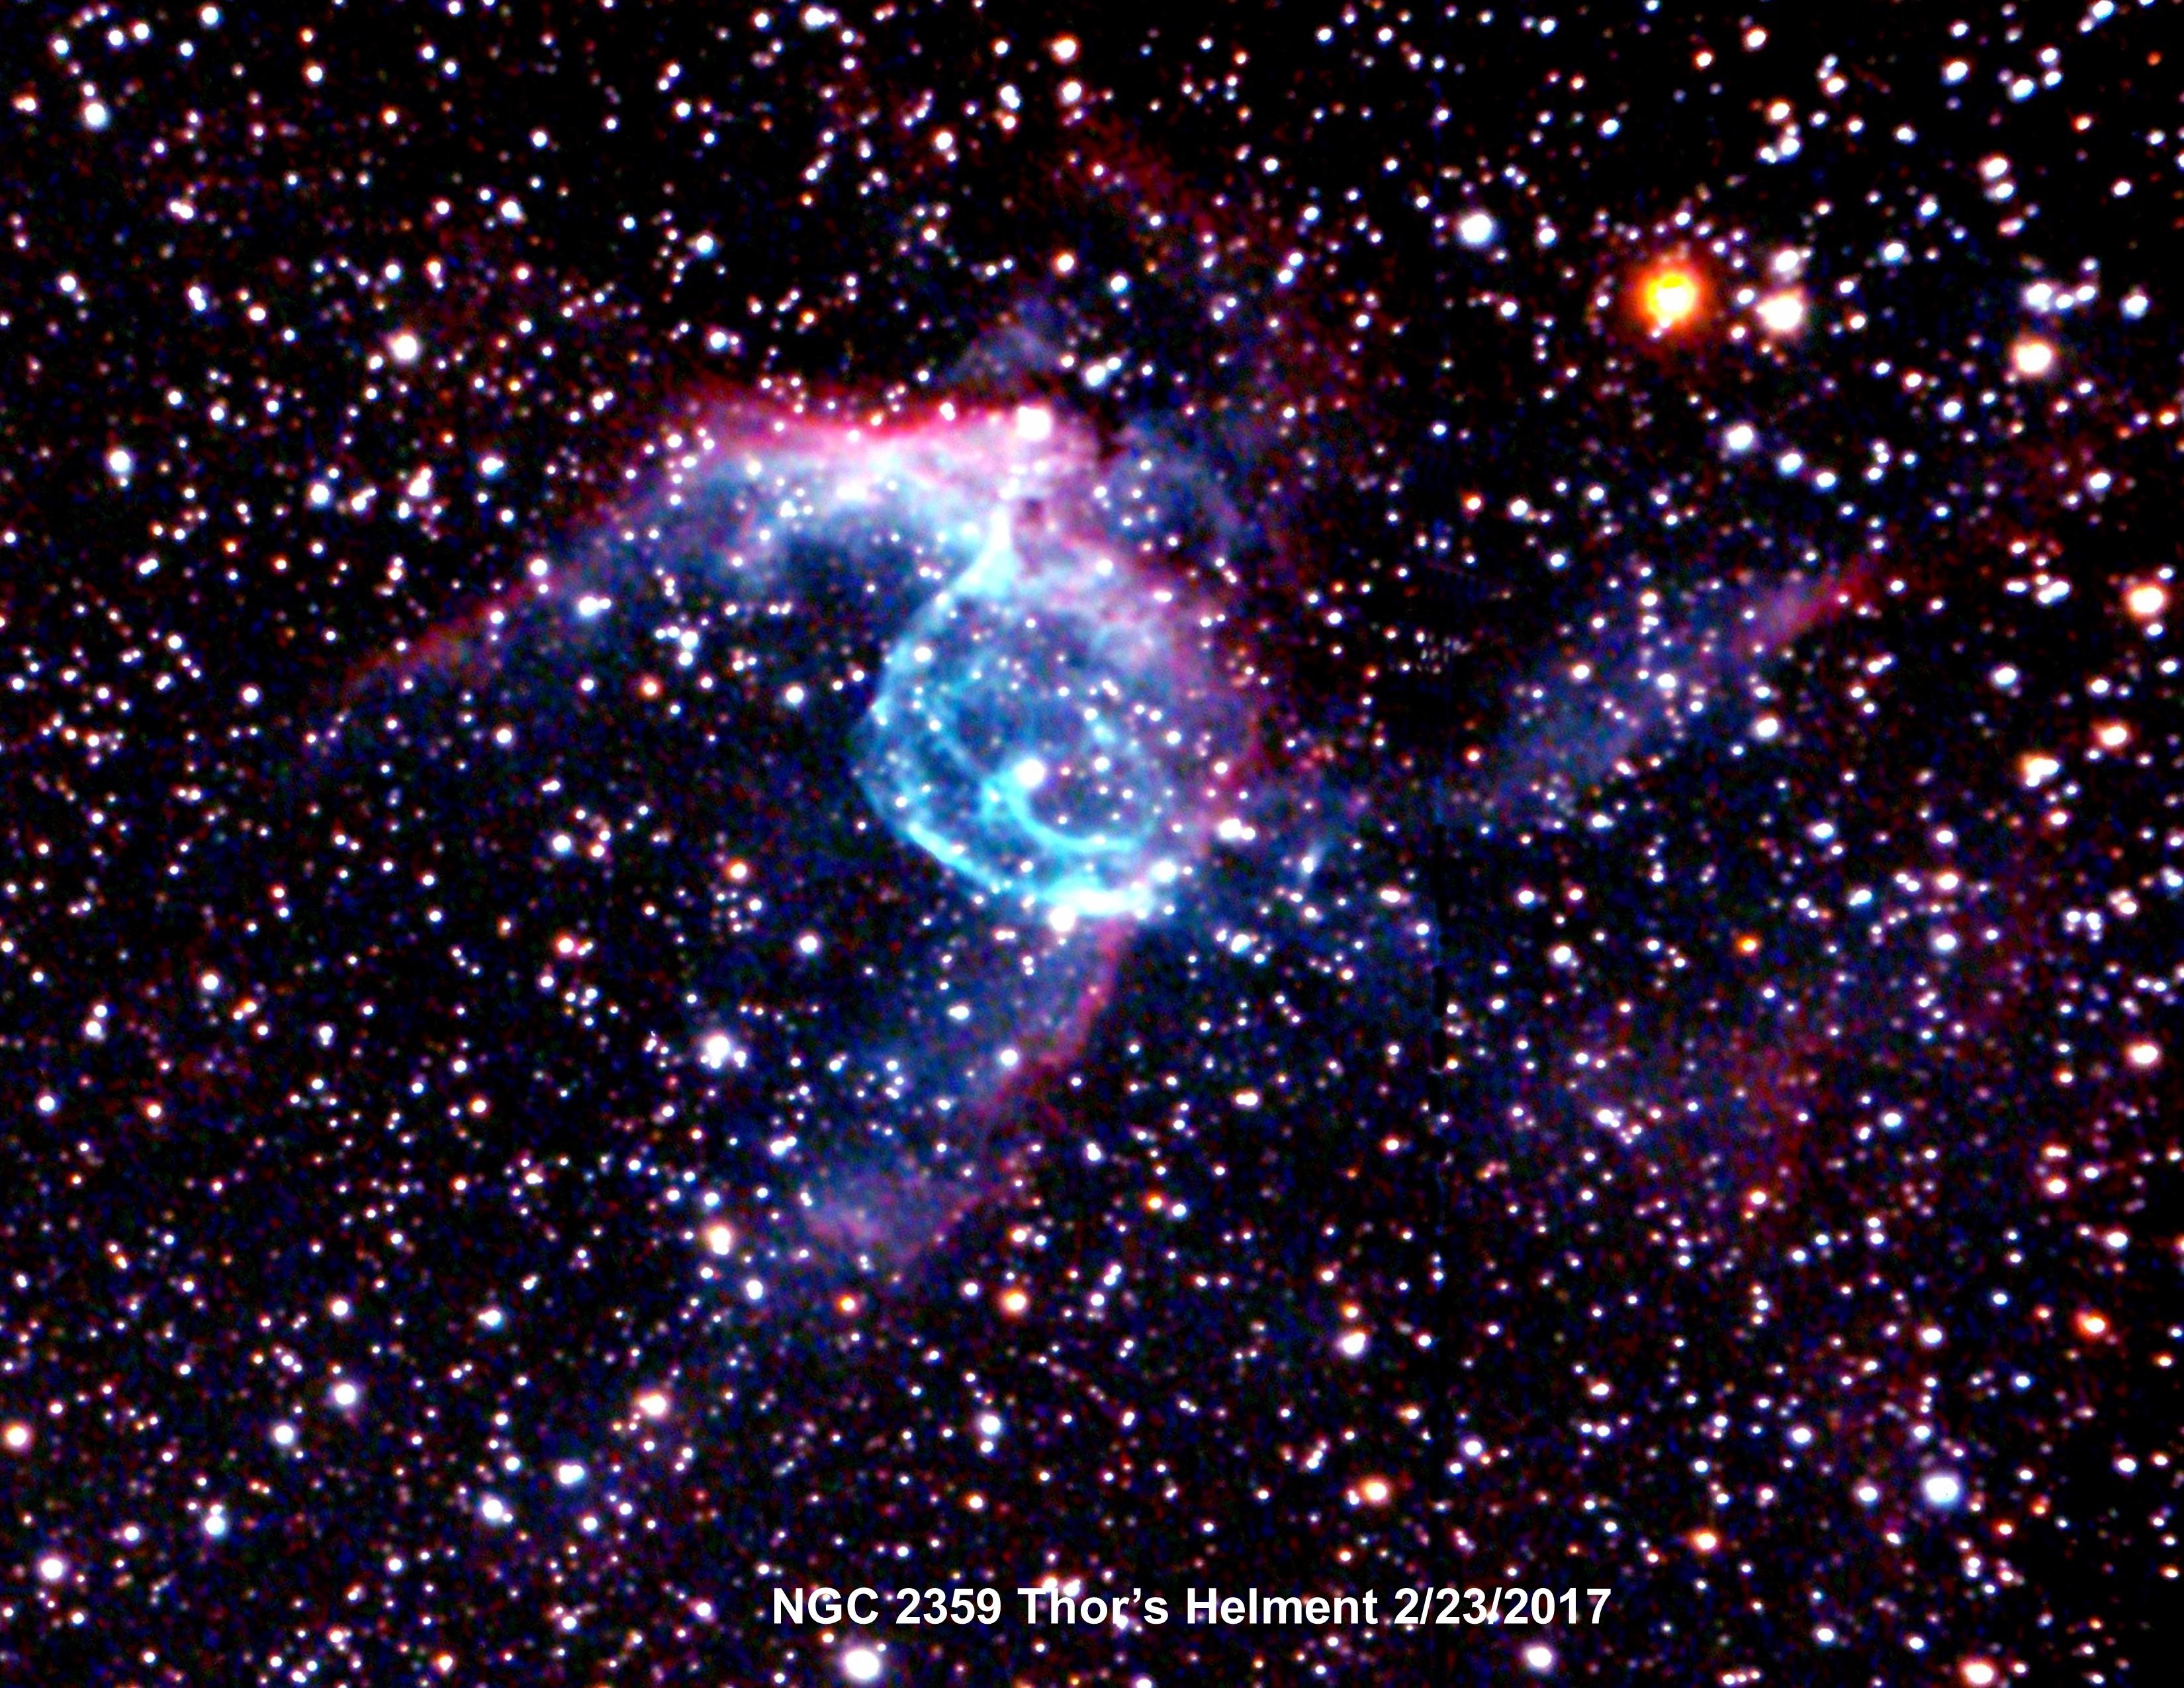 NGC 2359 Thors Helment